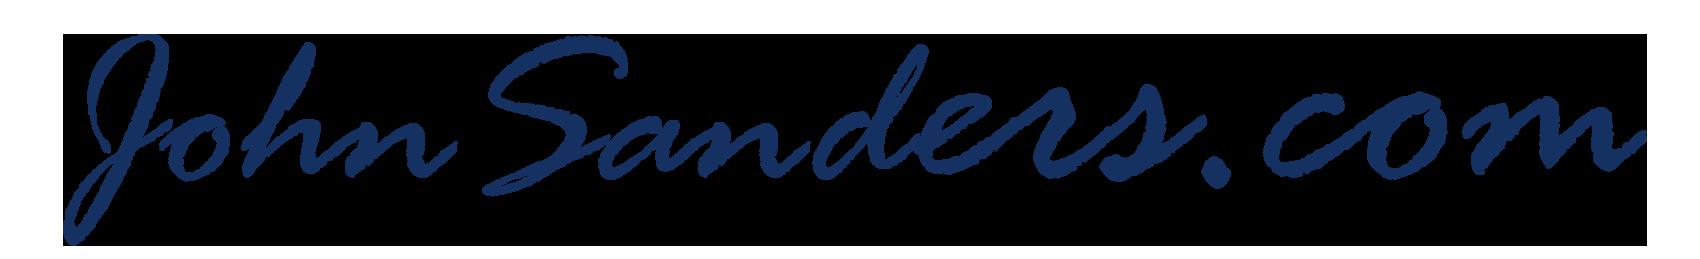 John Sanders Logo - JohnSanders.com